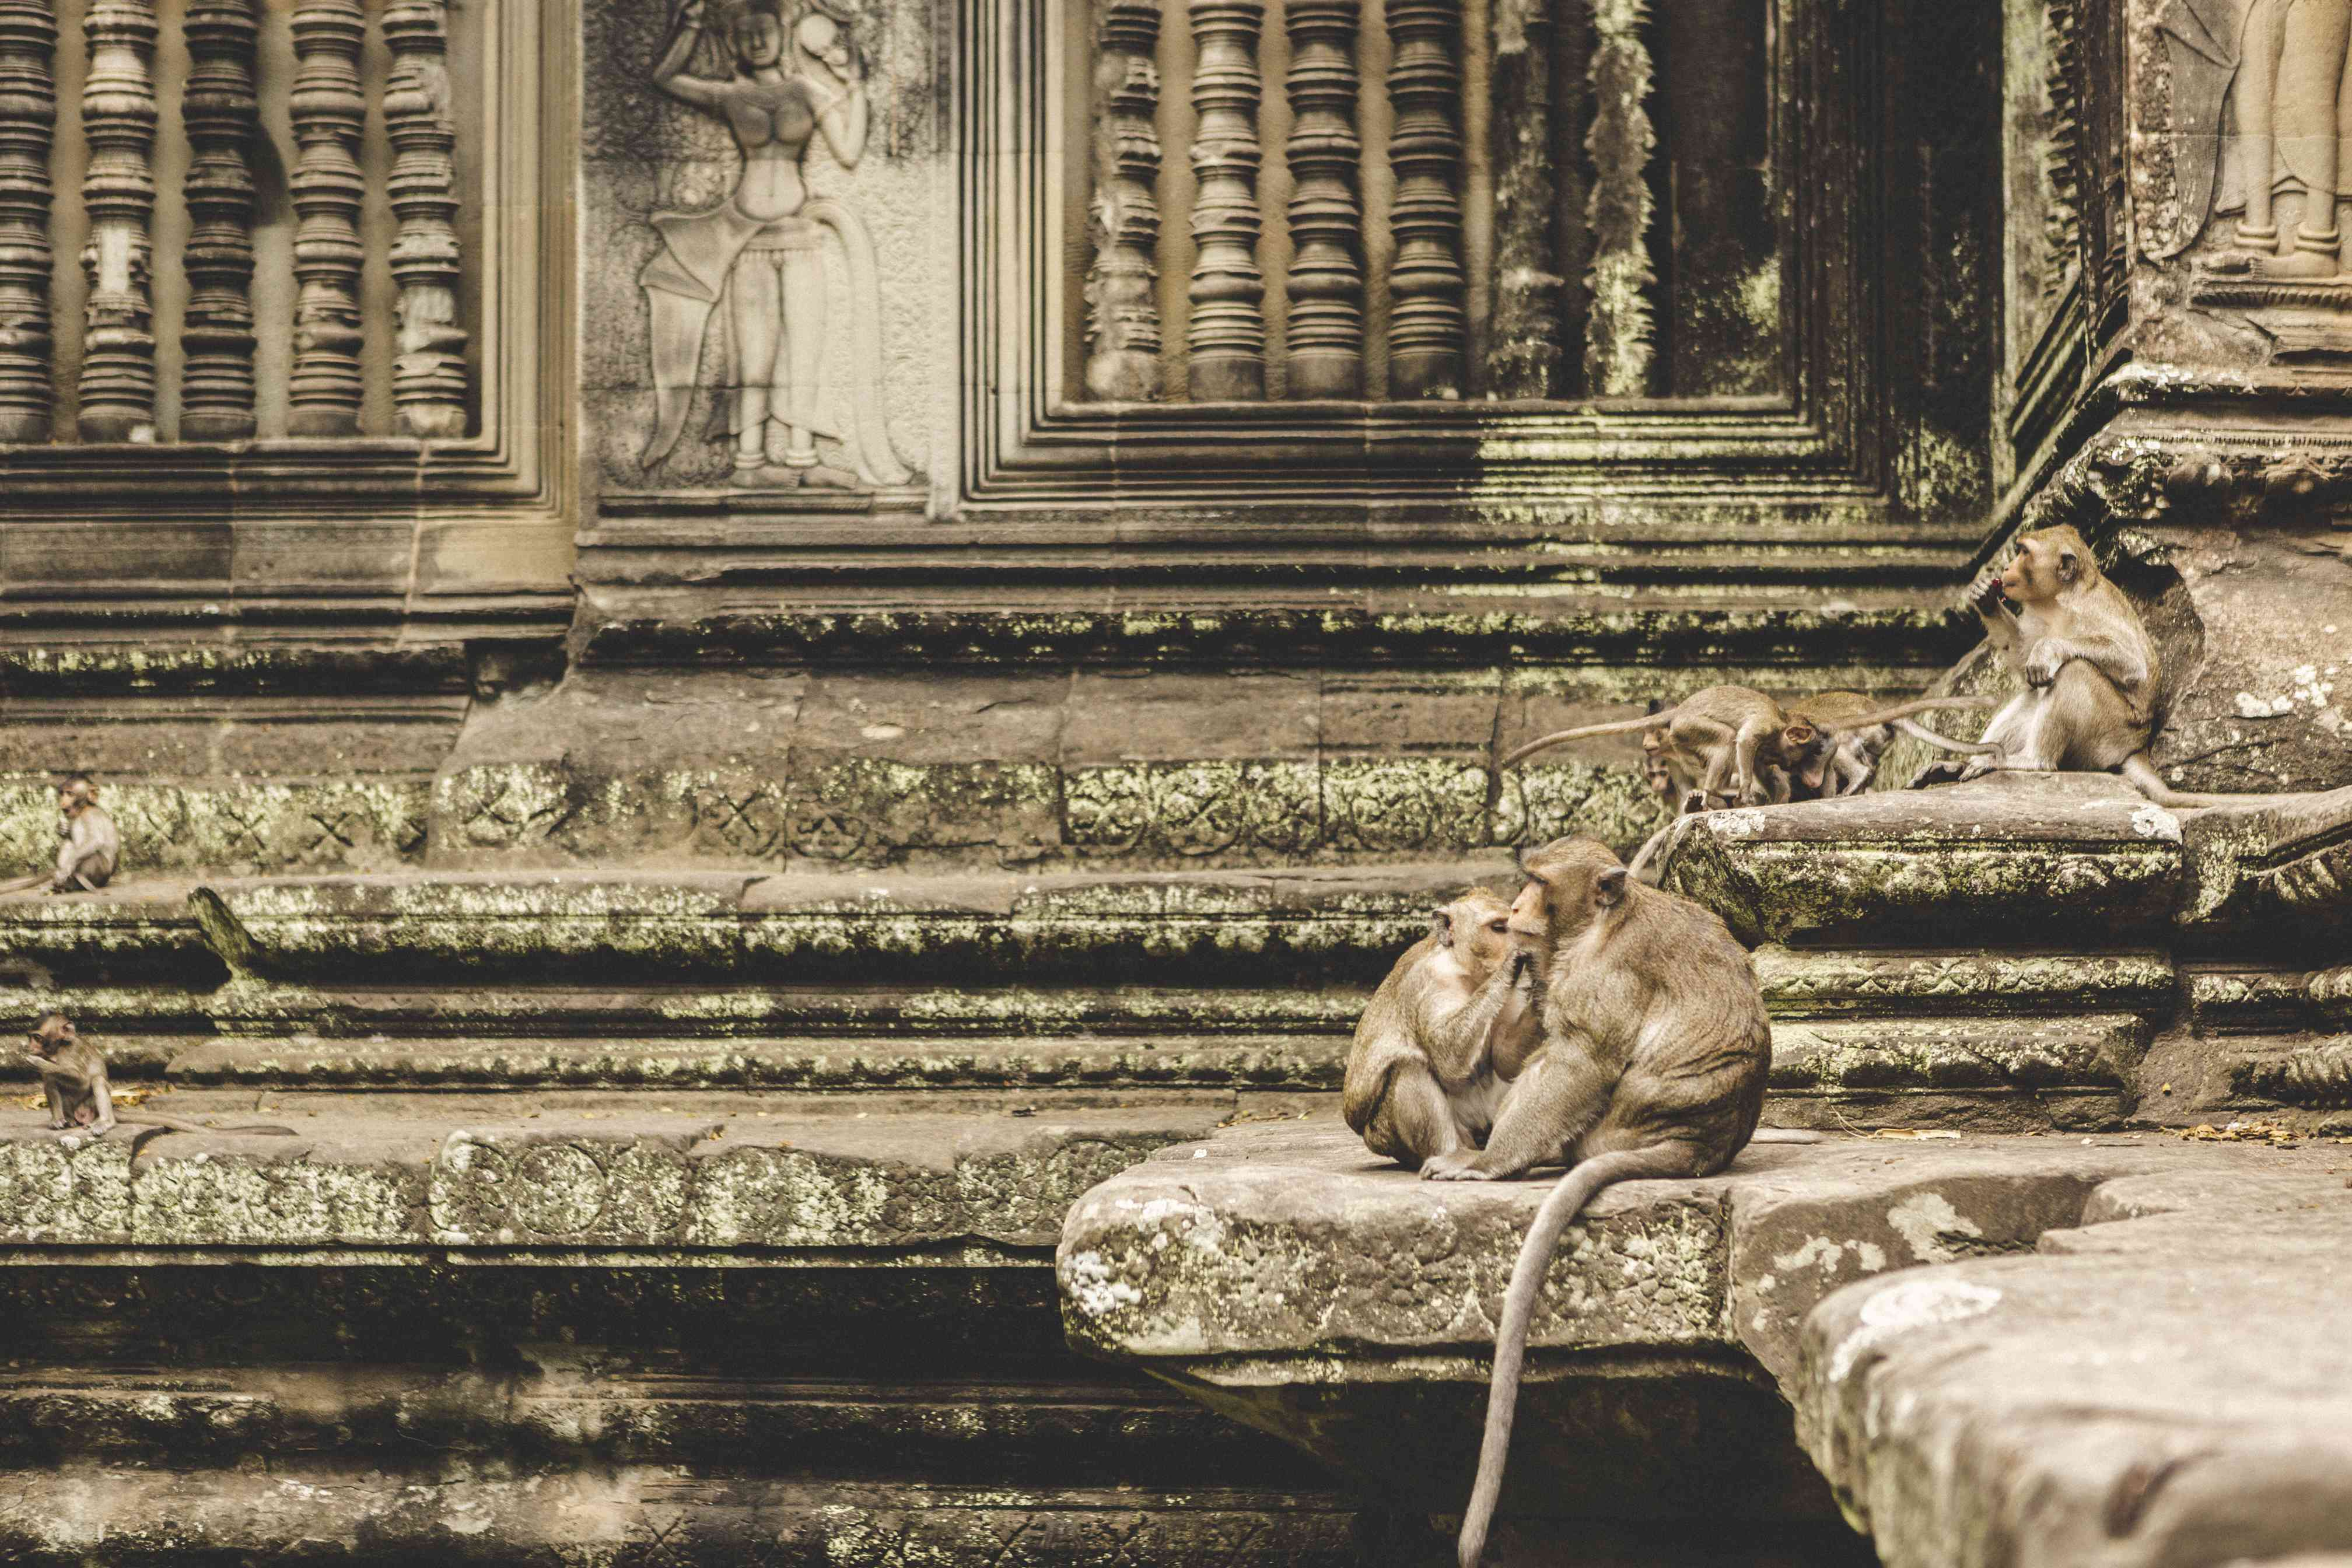 Monkeys at Angkor Wat